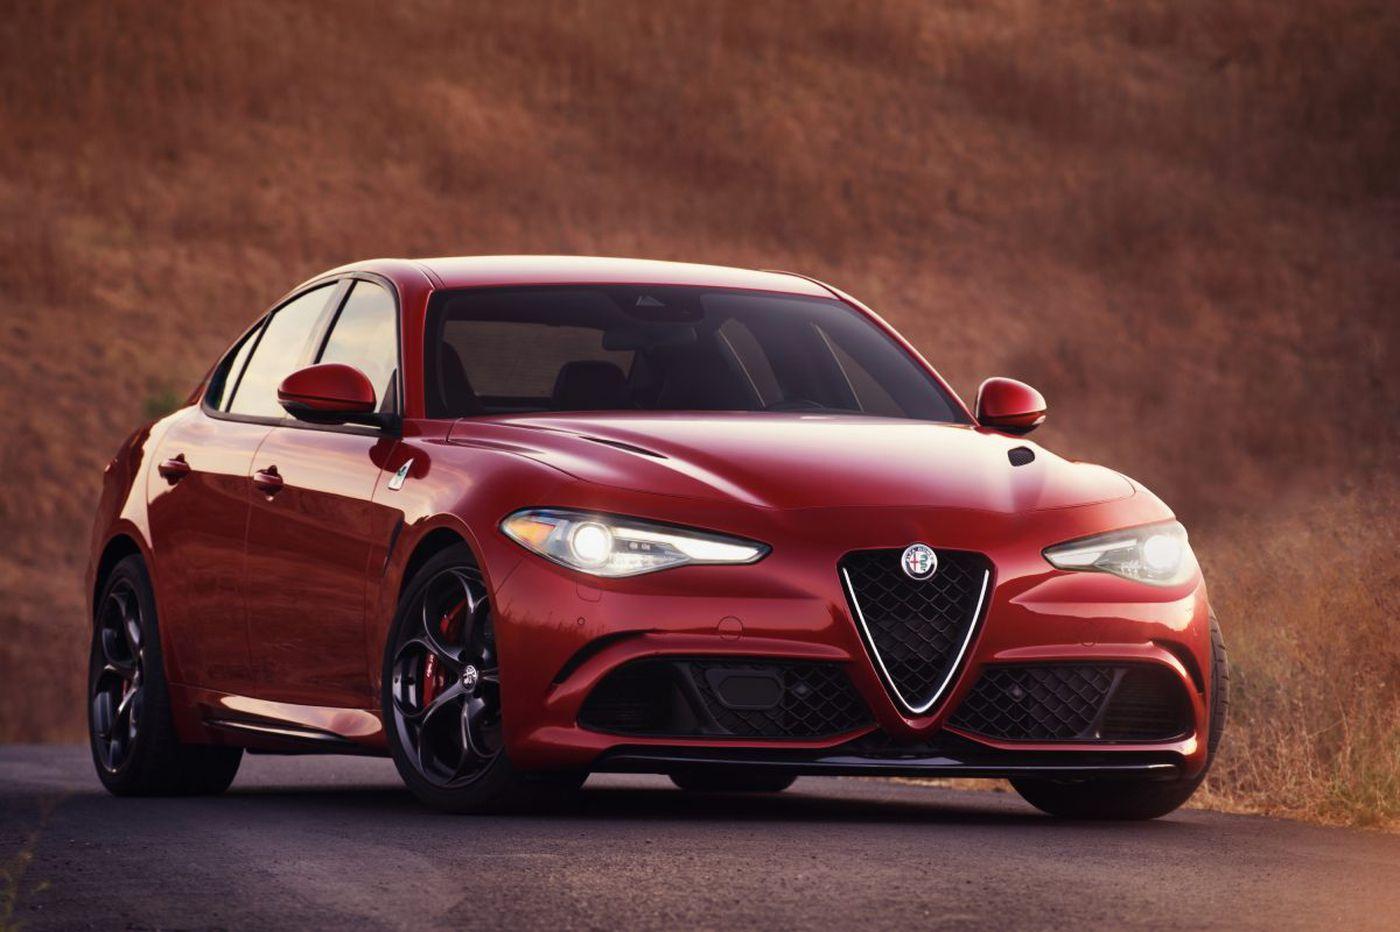 Alfa Romeo Giulia Quadrifoglio: A racer for four